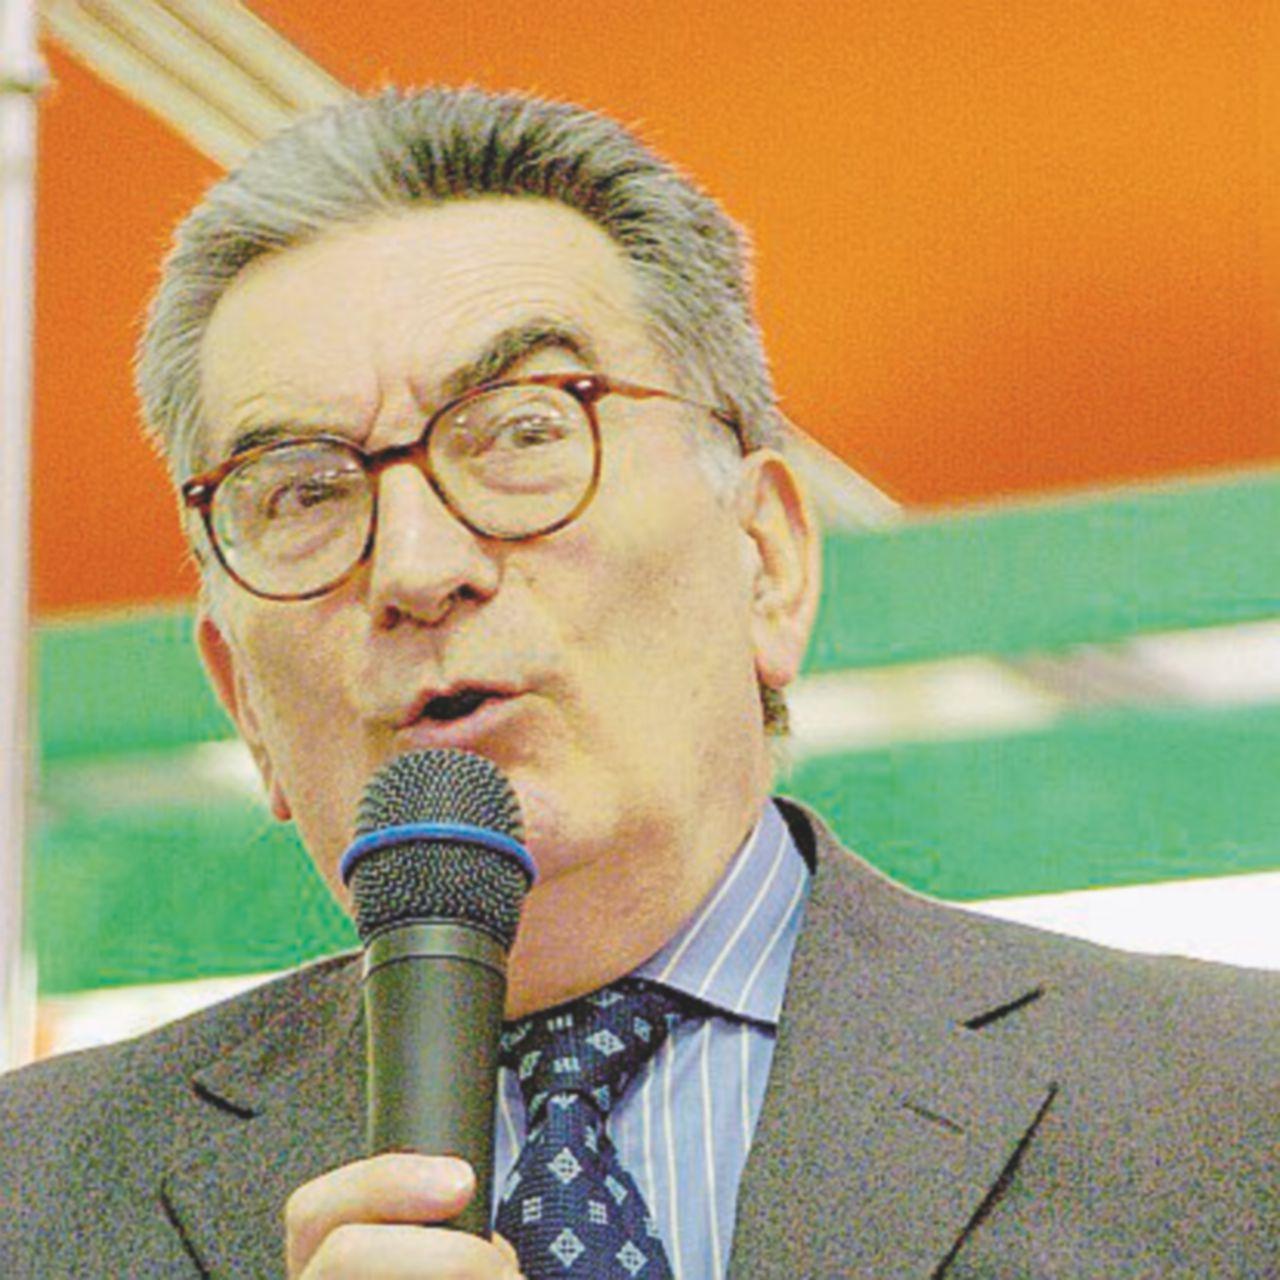 """Addio a Giovanni Sartori, il ricordo dell'allievo Pasquino: """"Era il maestro, diffidate degli imitatori"""""""